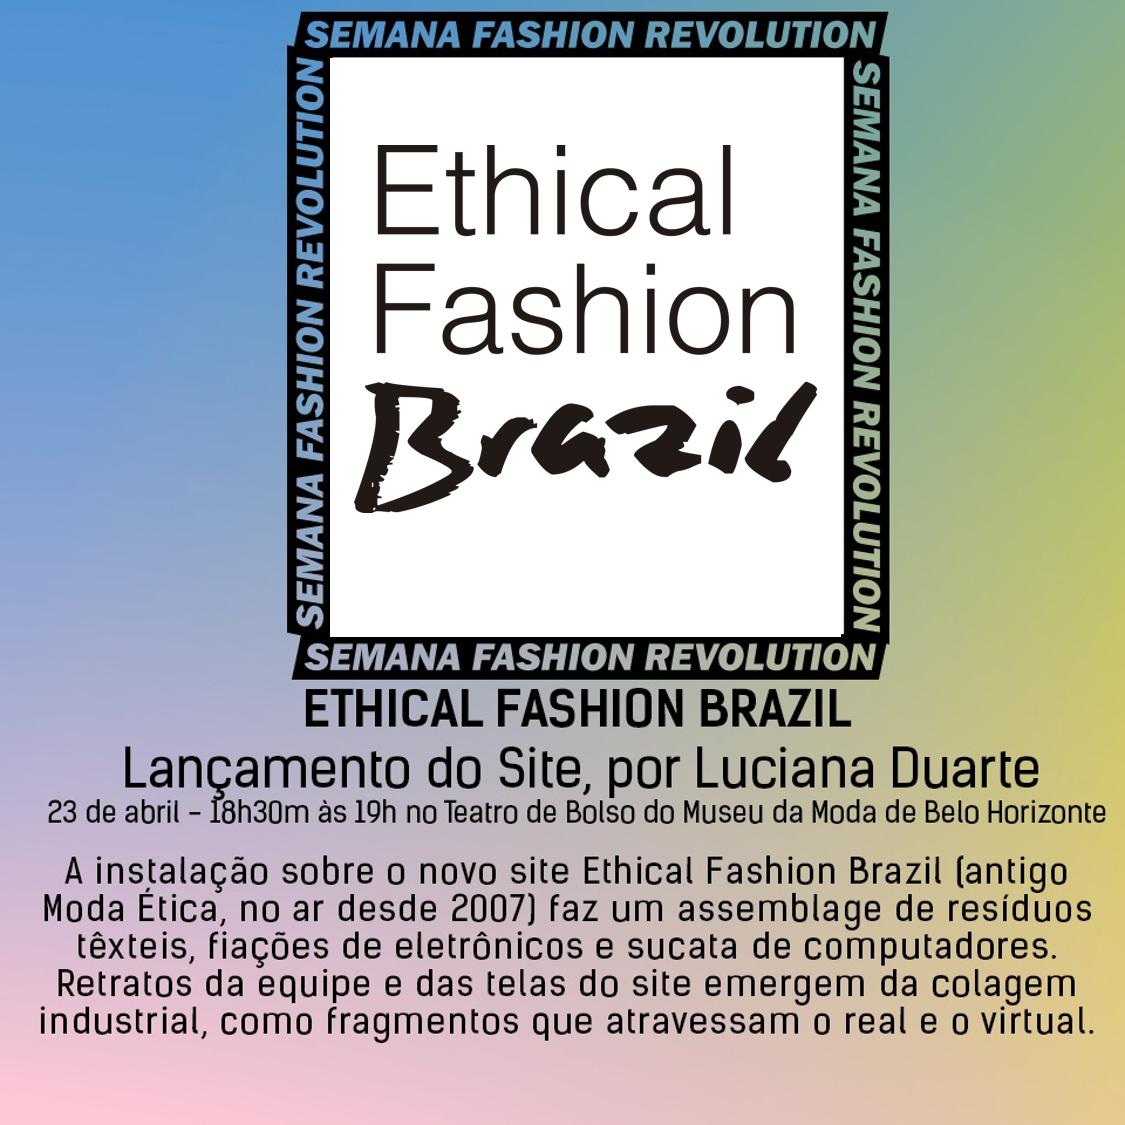 Exposição do site Ethical Fashion Brazil, no Muse da Moda, em Belo Horizonte, em ocasião da semana Fashion Revolution